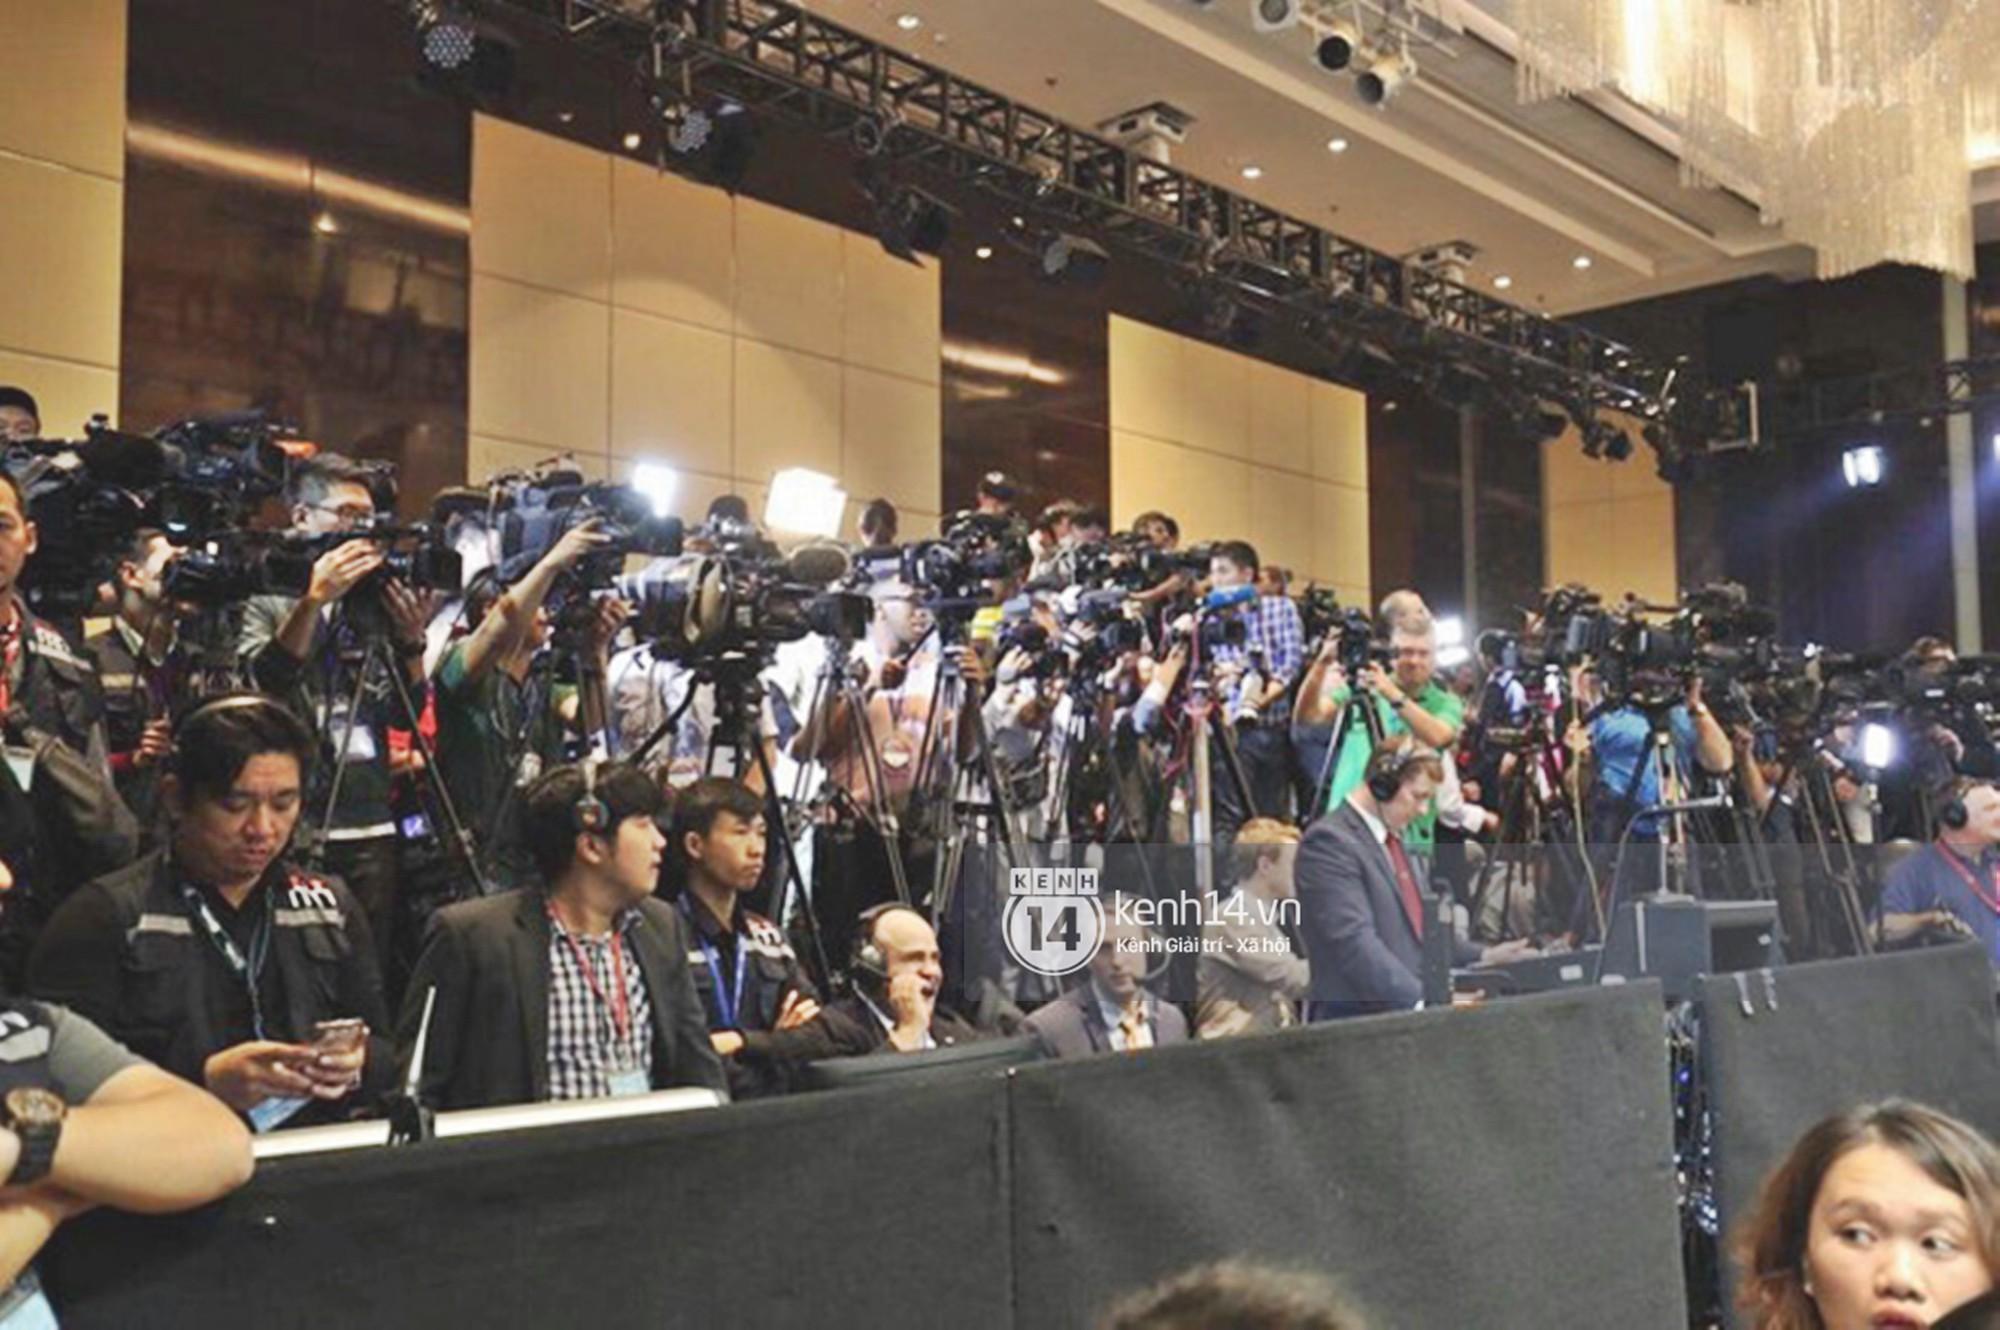 Không đạt được thỏa thuận với Triều Tiên, Tổng thống Trump tiến hành họp báo sớm, chuẩn bị về nước ngay trong chiều 28/2 - Ảnh 4.